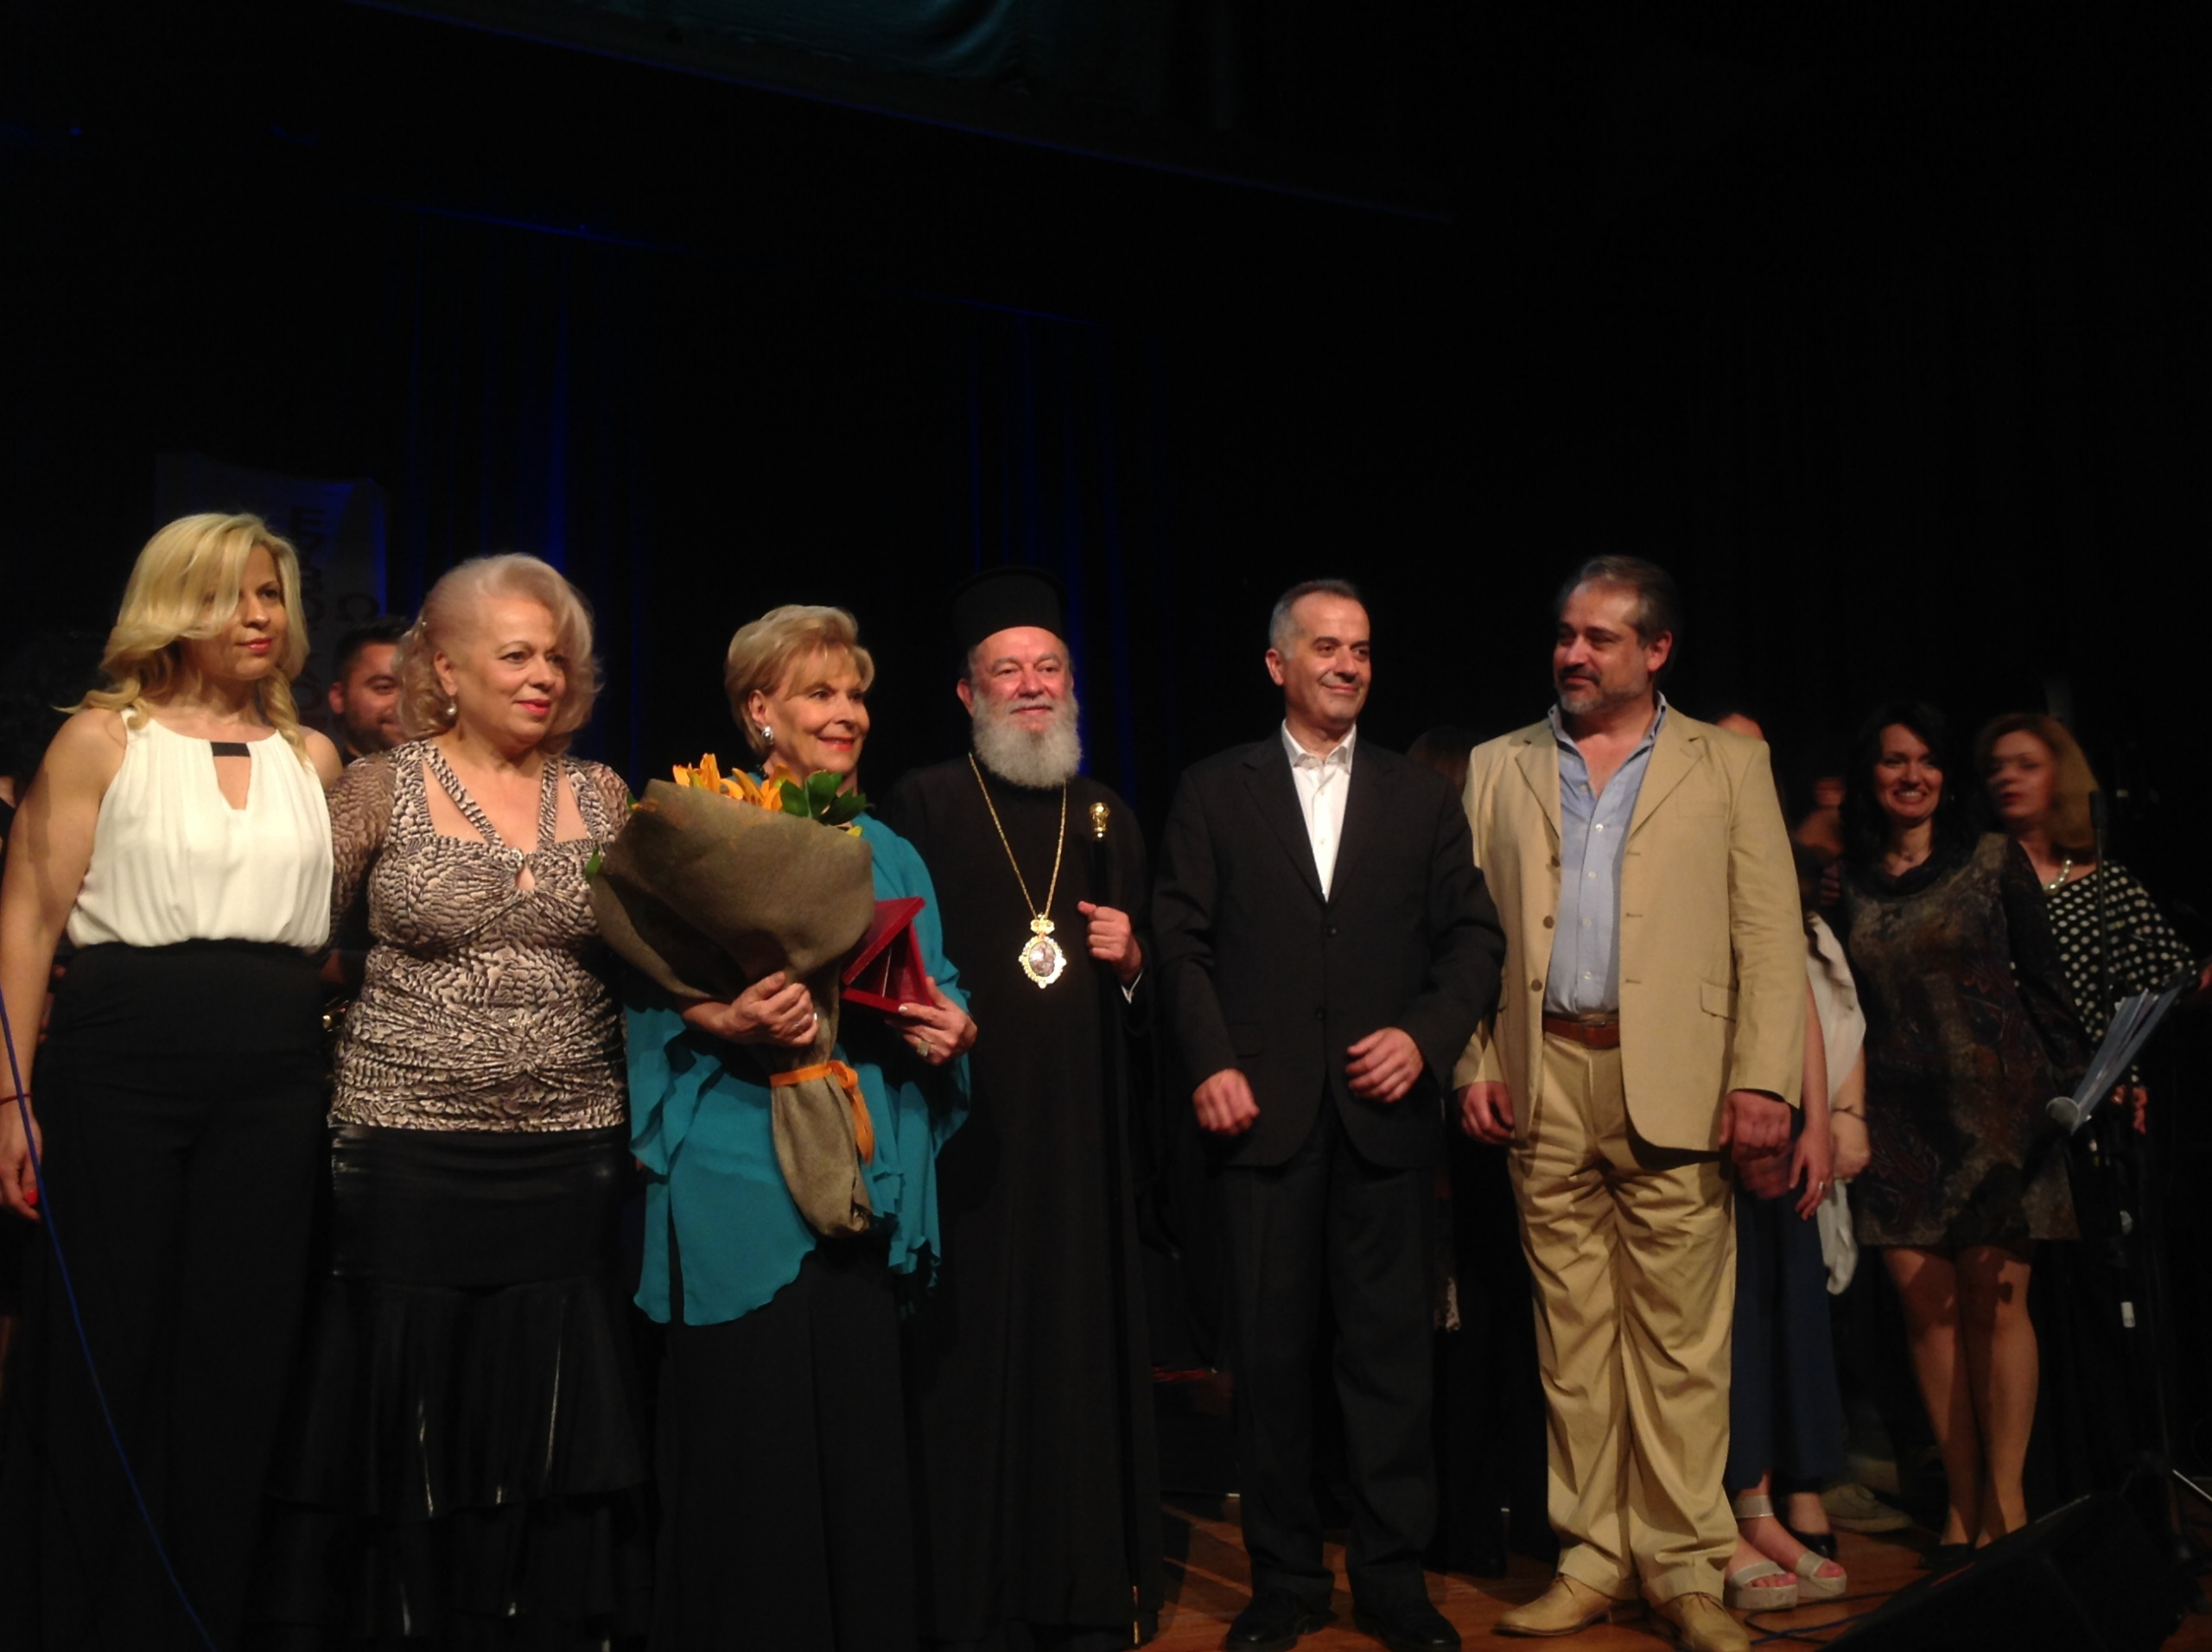 Συναυλία Αγάπης με την Ορχήστρα του Ευβοϊκού Ωδείου και την Κλειώ Δενάρδού